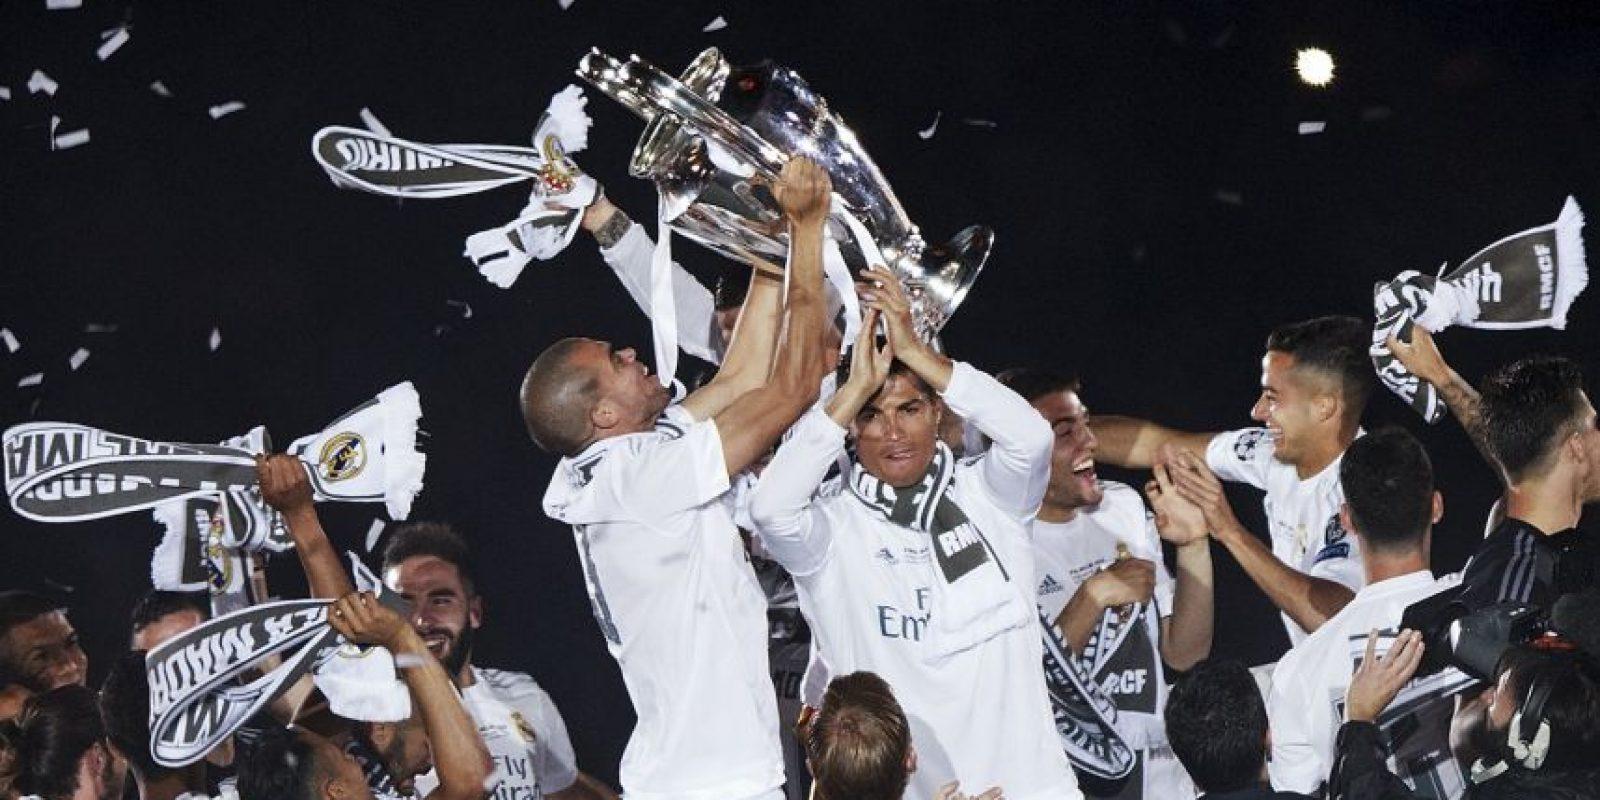 Sólo diez jugadores han podido ganar la Champions League y la Eurocopa en la misma temporada Foto:Getty Images